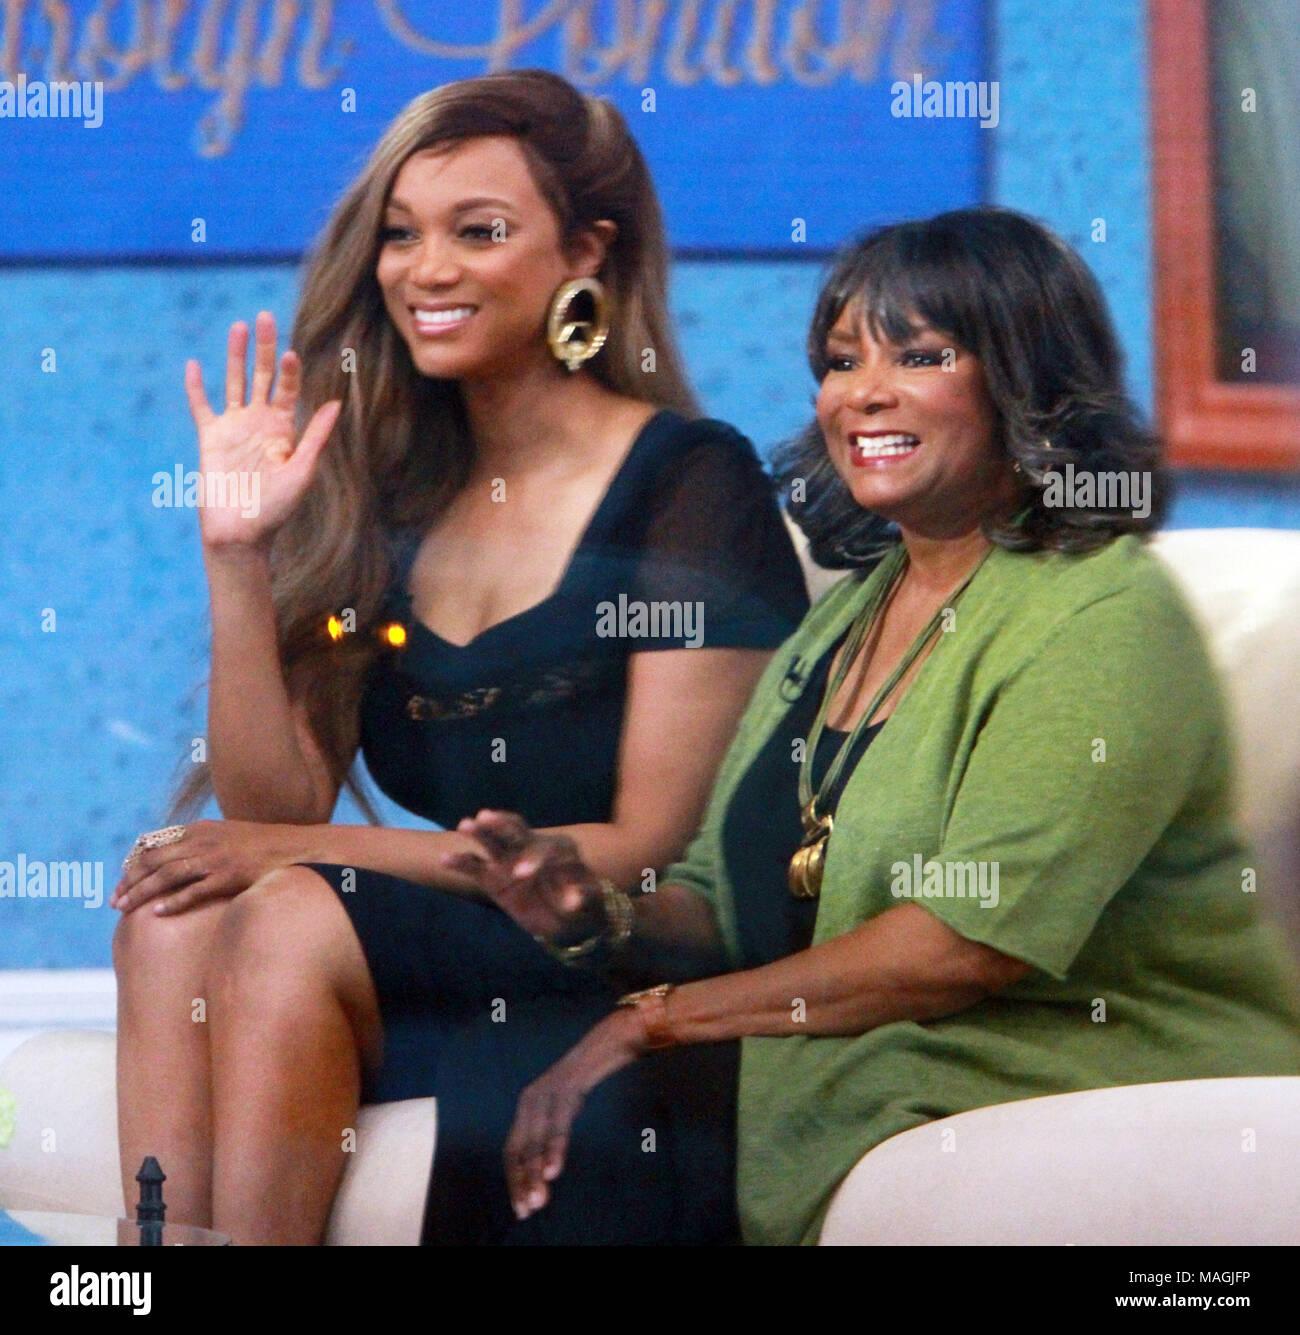 Tyra Banks 2018: New York, USA, 2 April 2018. Tyra Banks, Carolyn London At